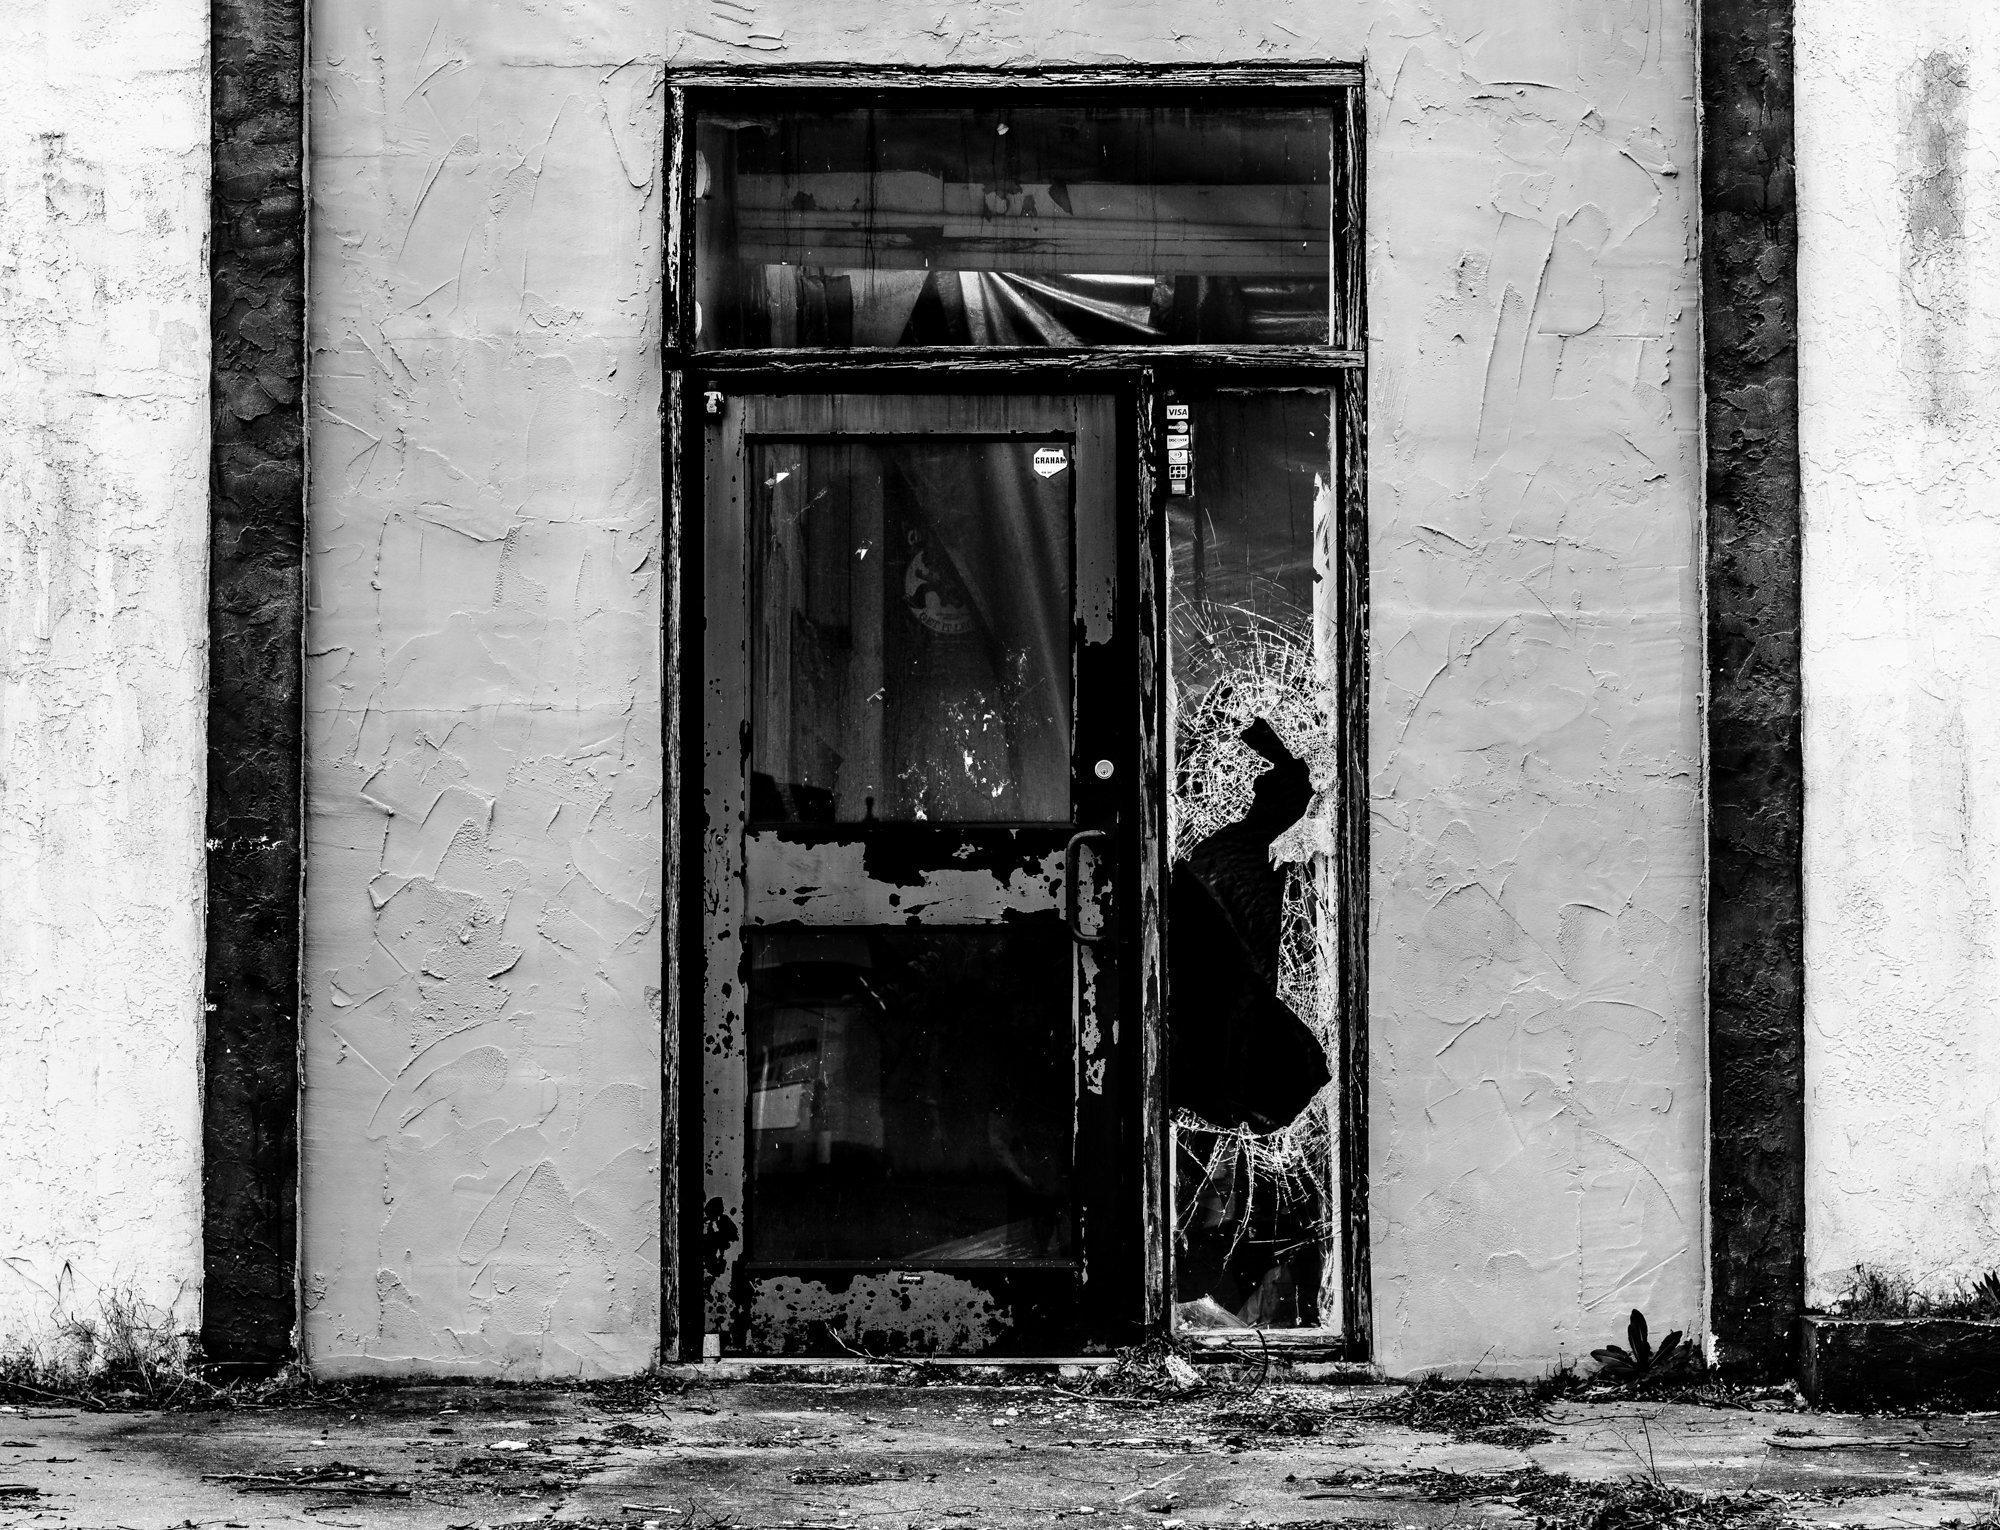 Broken In Too - ©Jacob Clayton